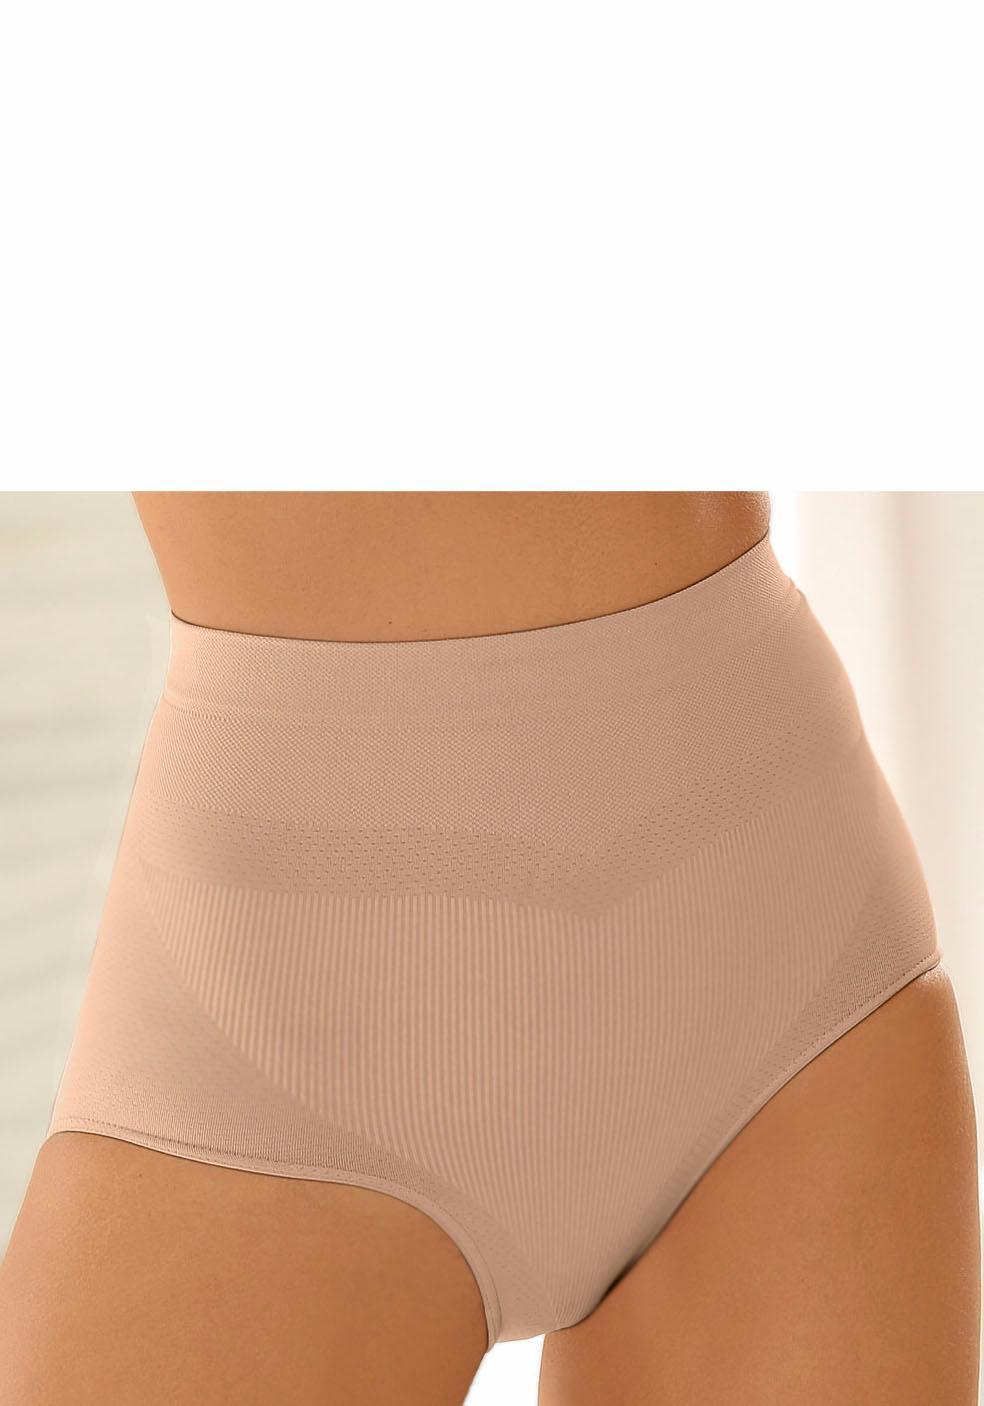 Nuance Komfortabler Taillenshaper-Slip mit Kühlungseffekt